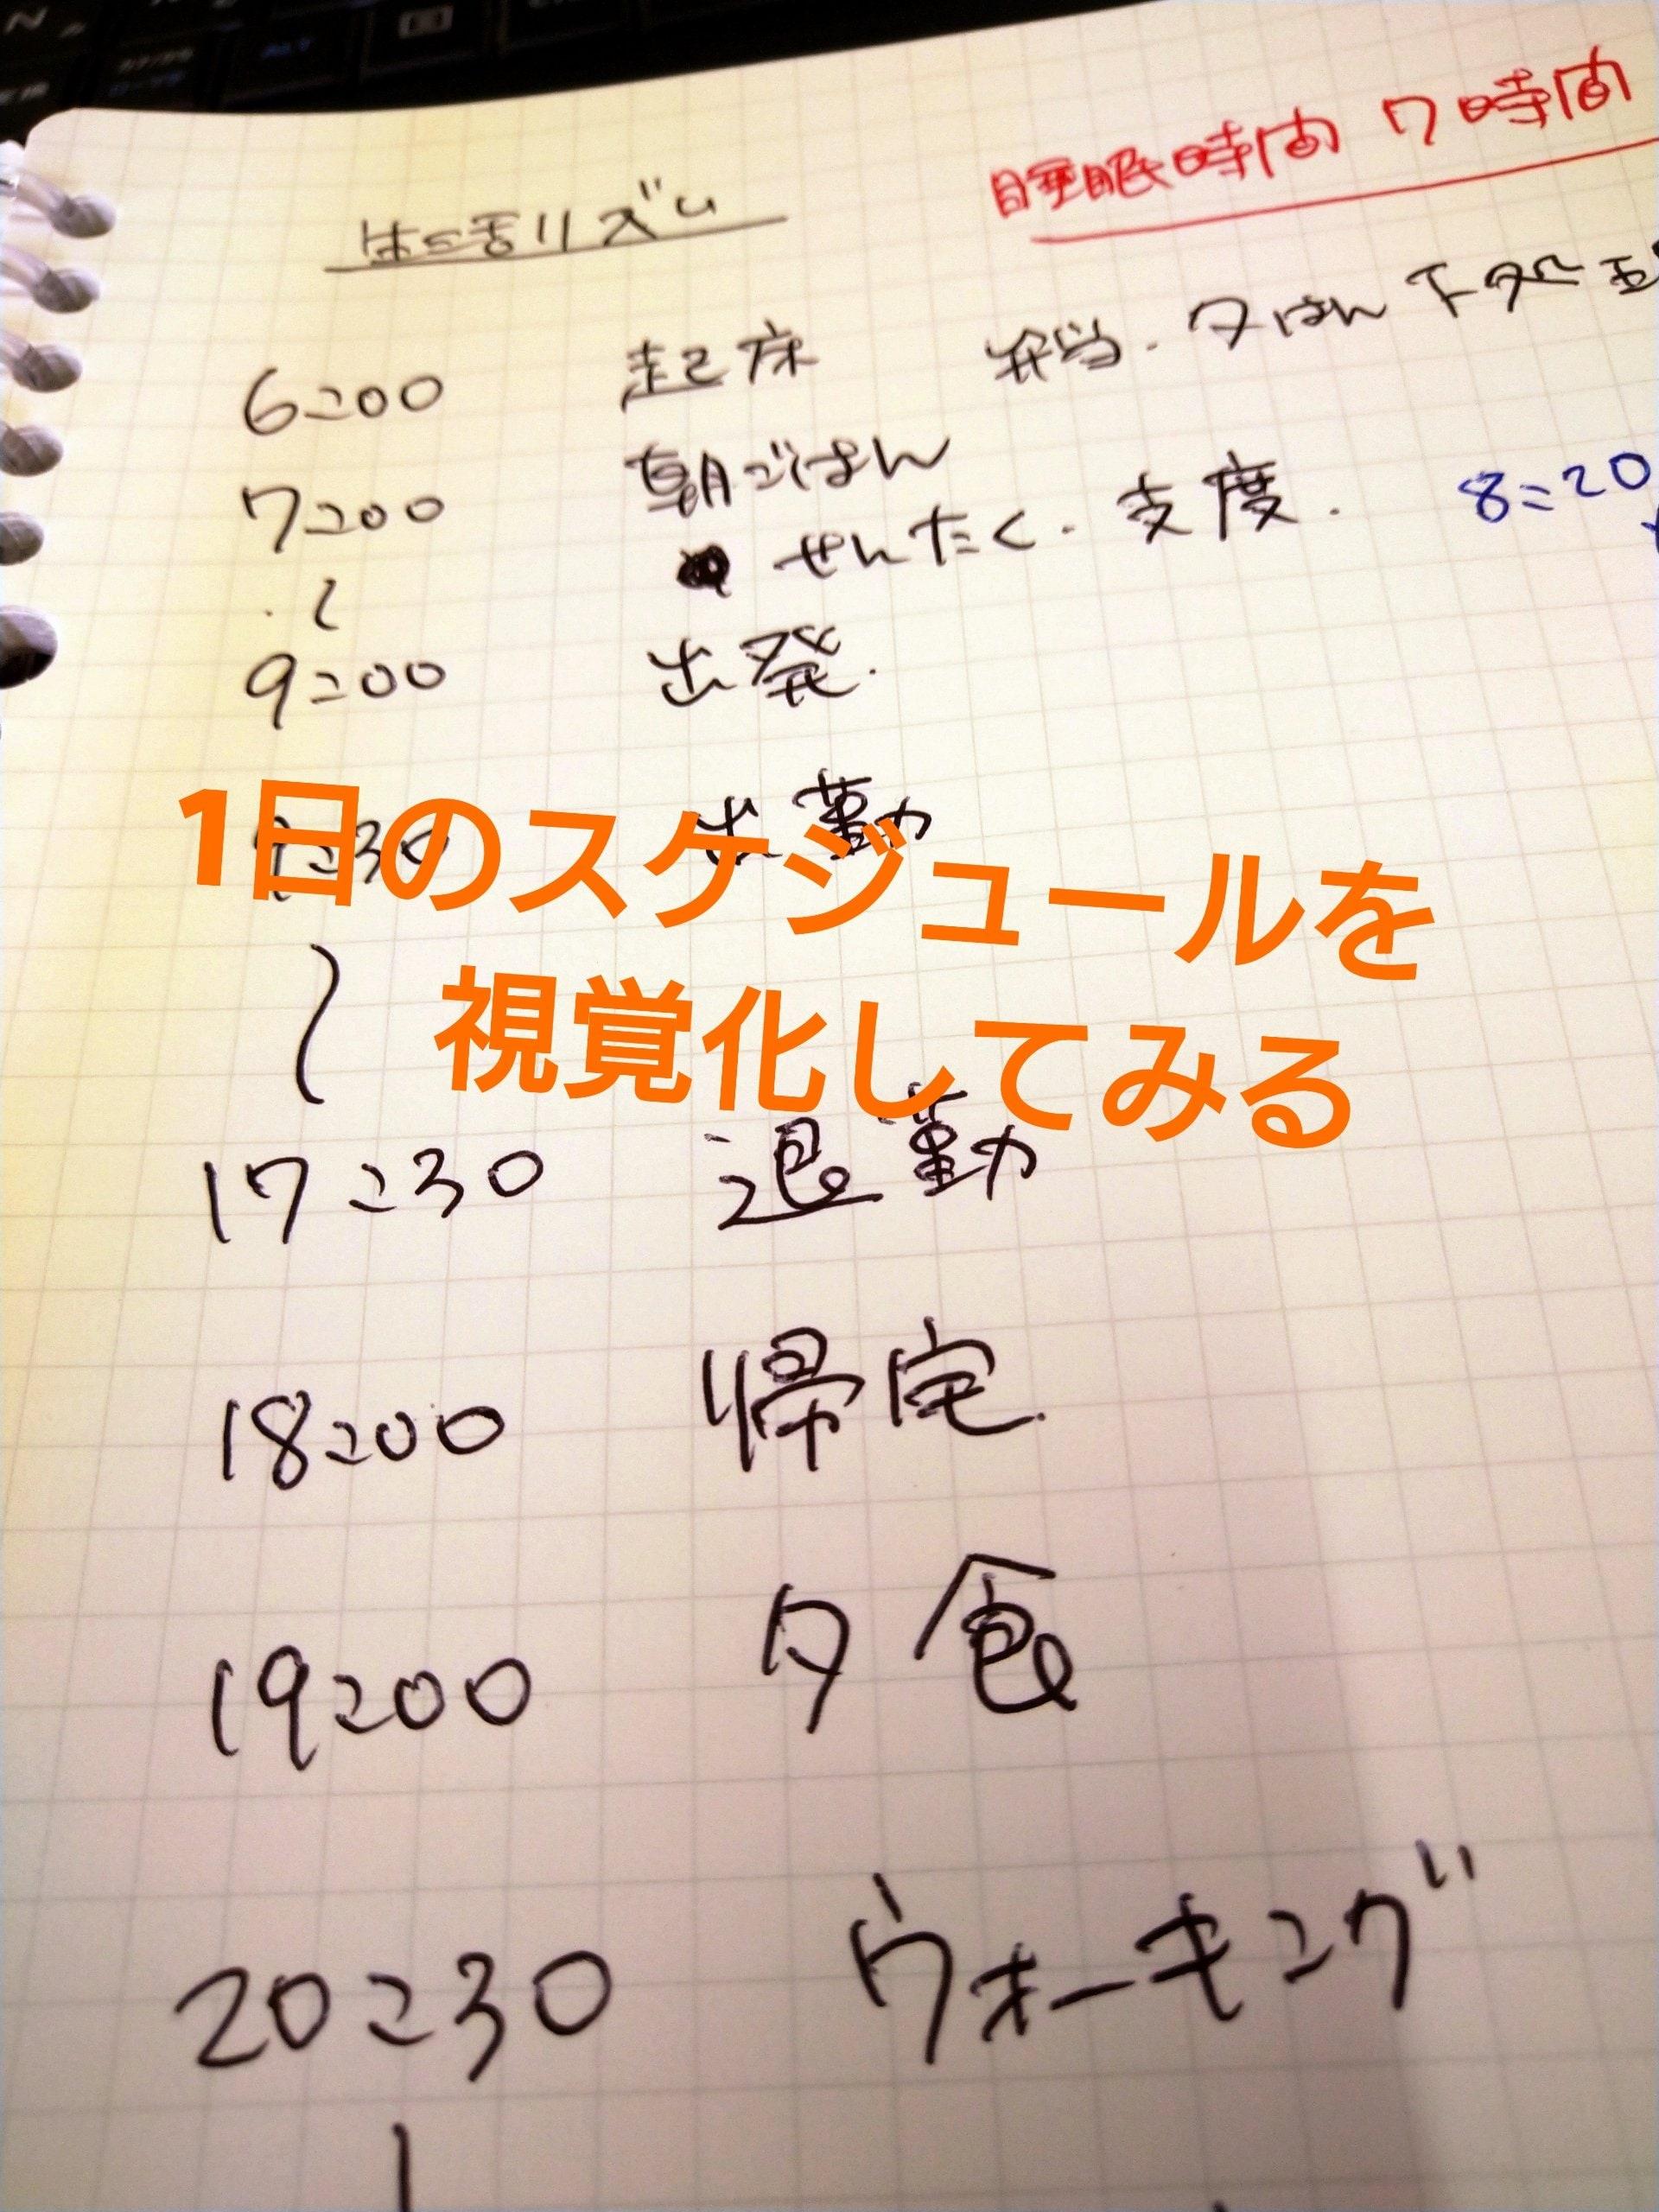 12/5㈯11:00~12:00オンライン食と生活の講座〜体内リズムについて〜のイメージその1